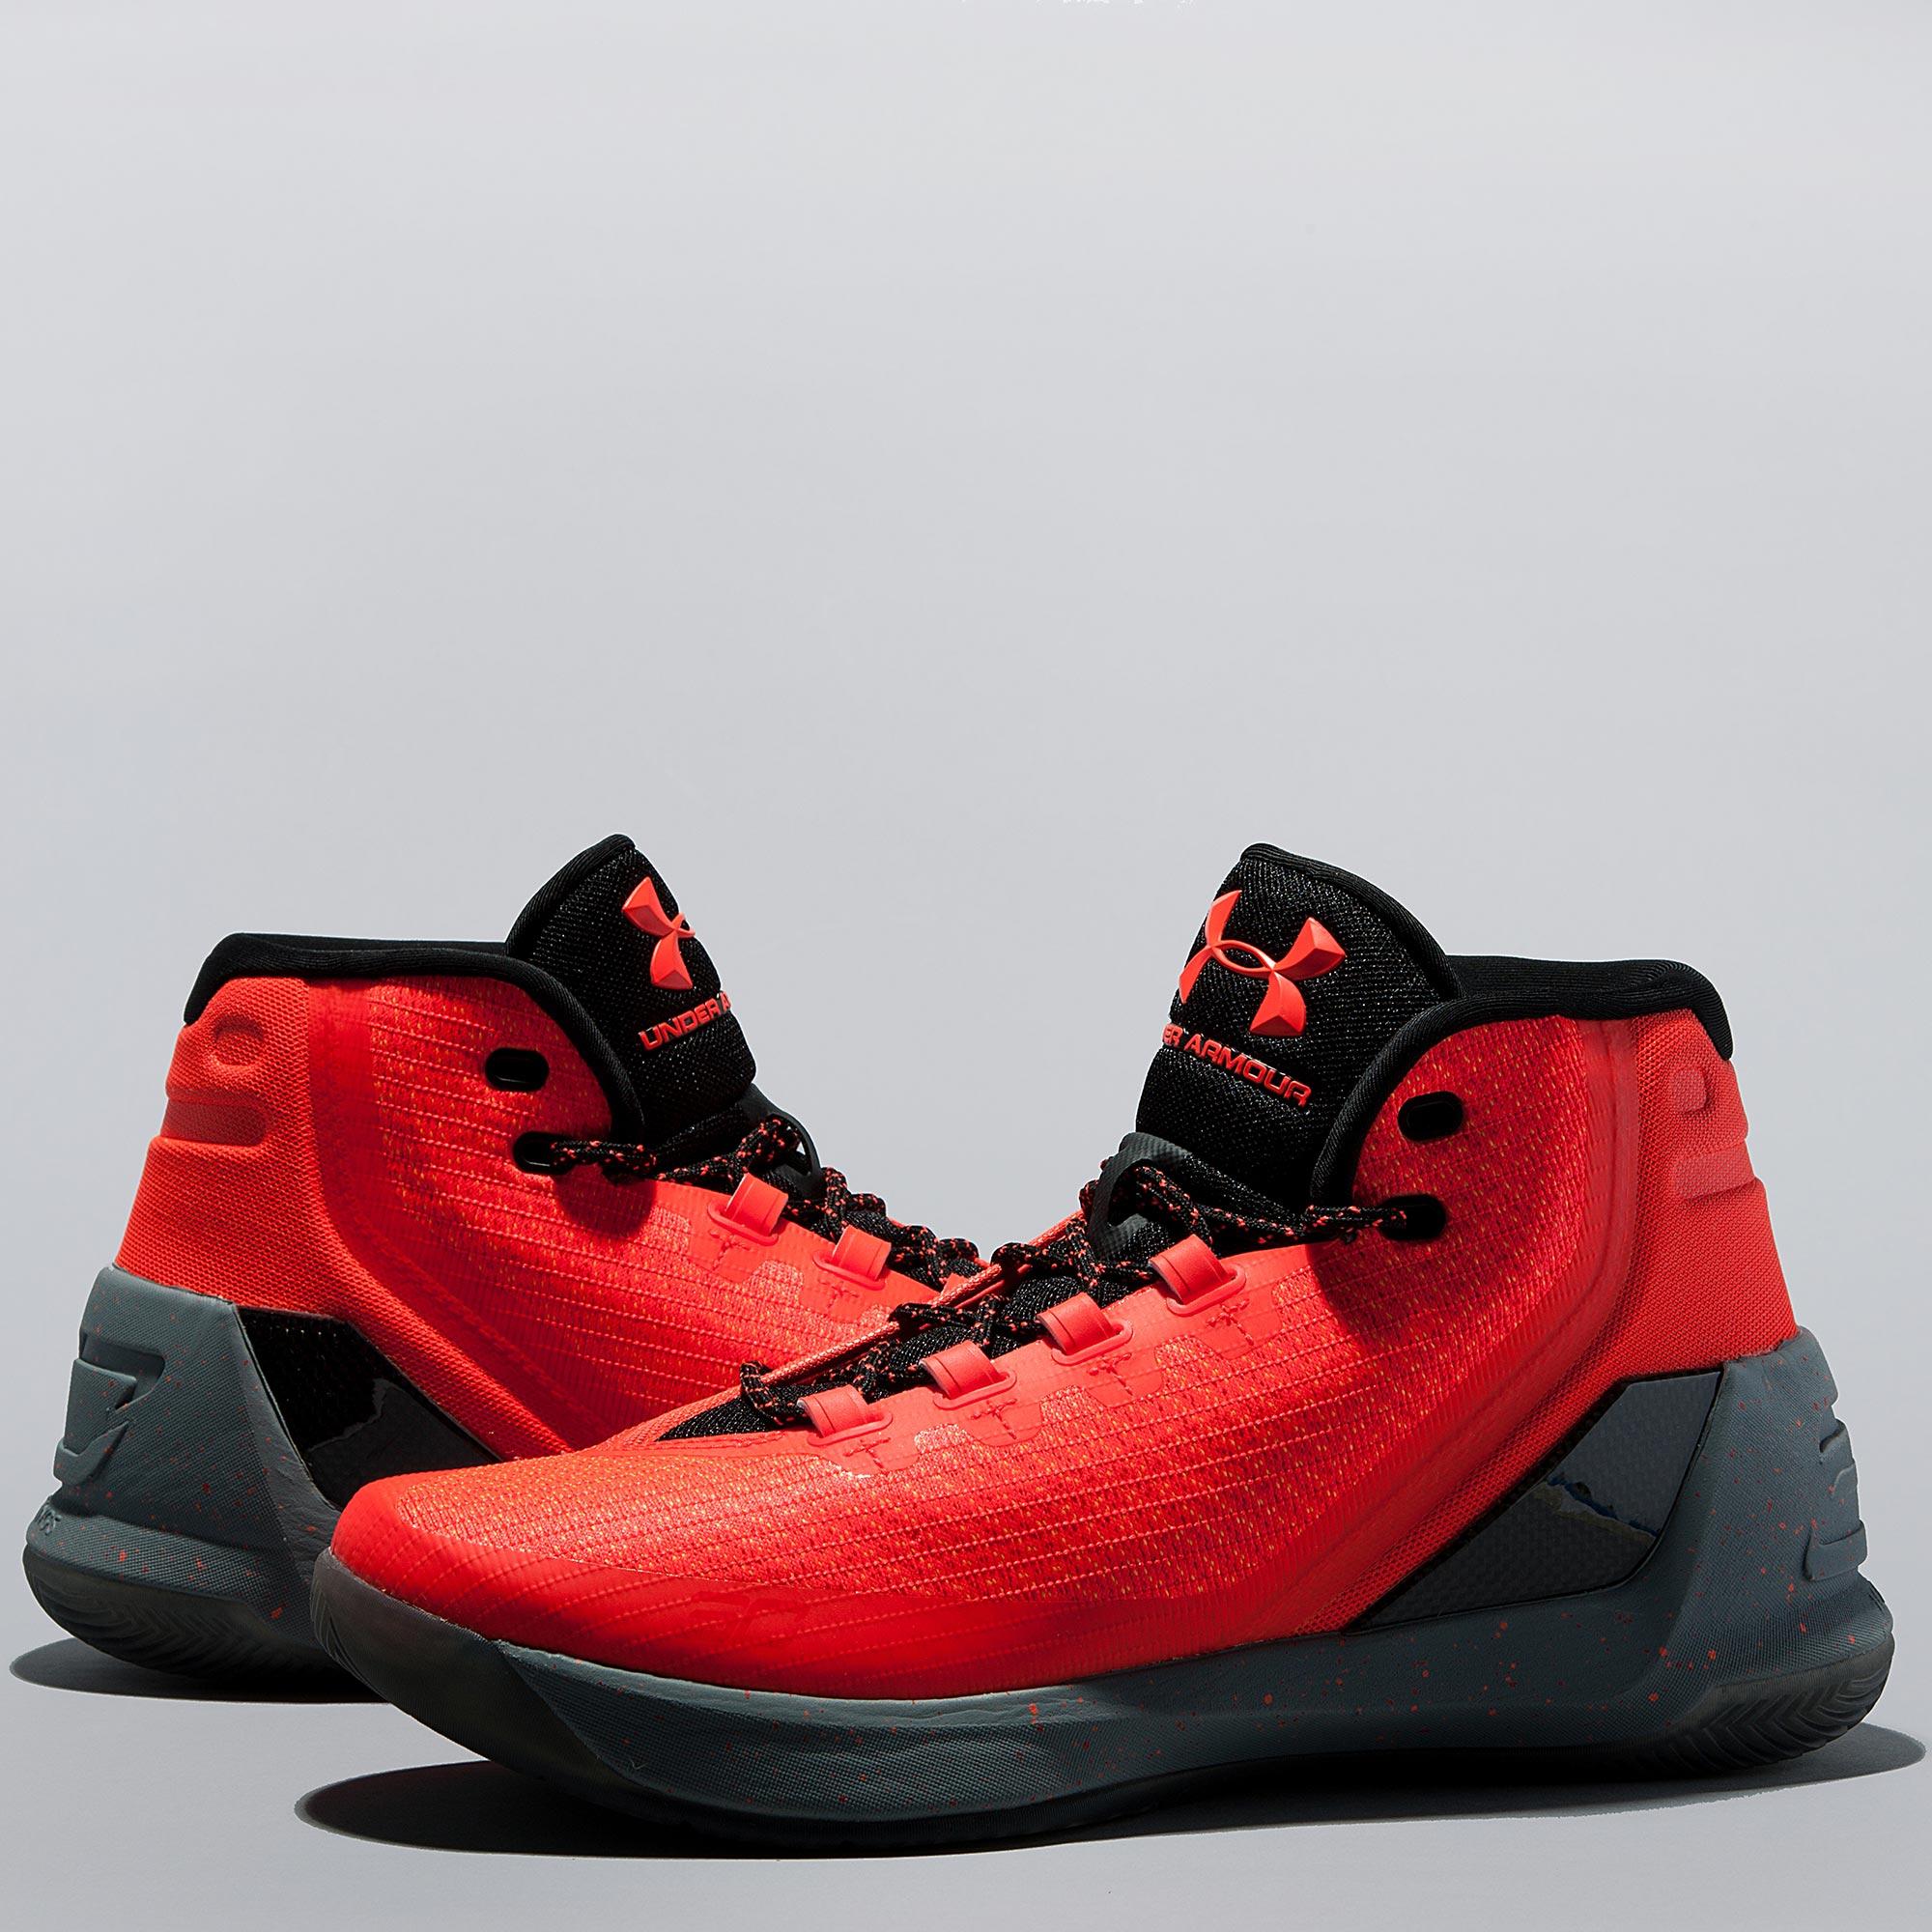 Under Armour Curry 3 Basketball Shoe - Human Torchbolt